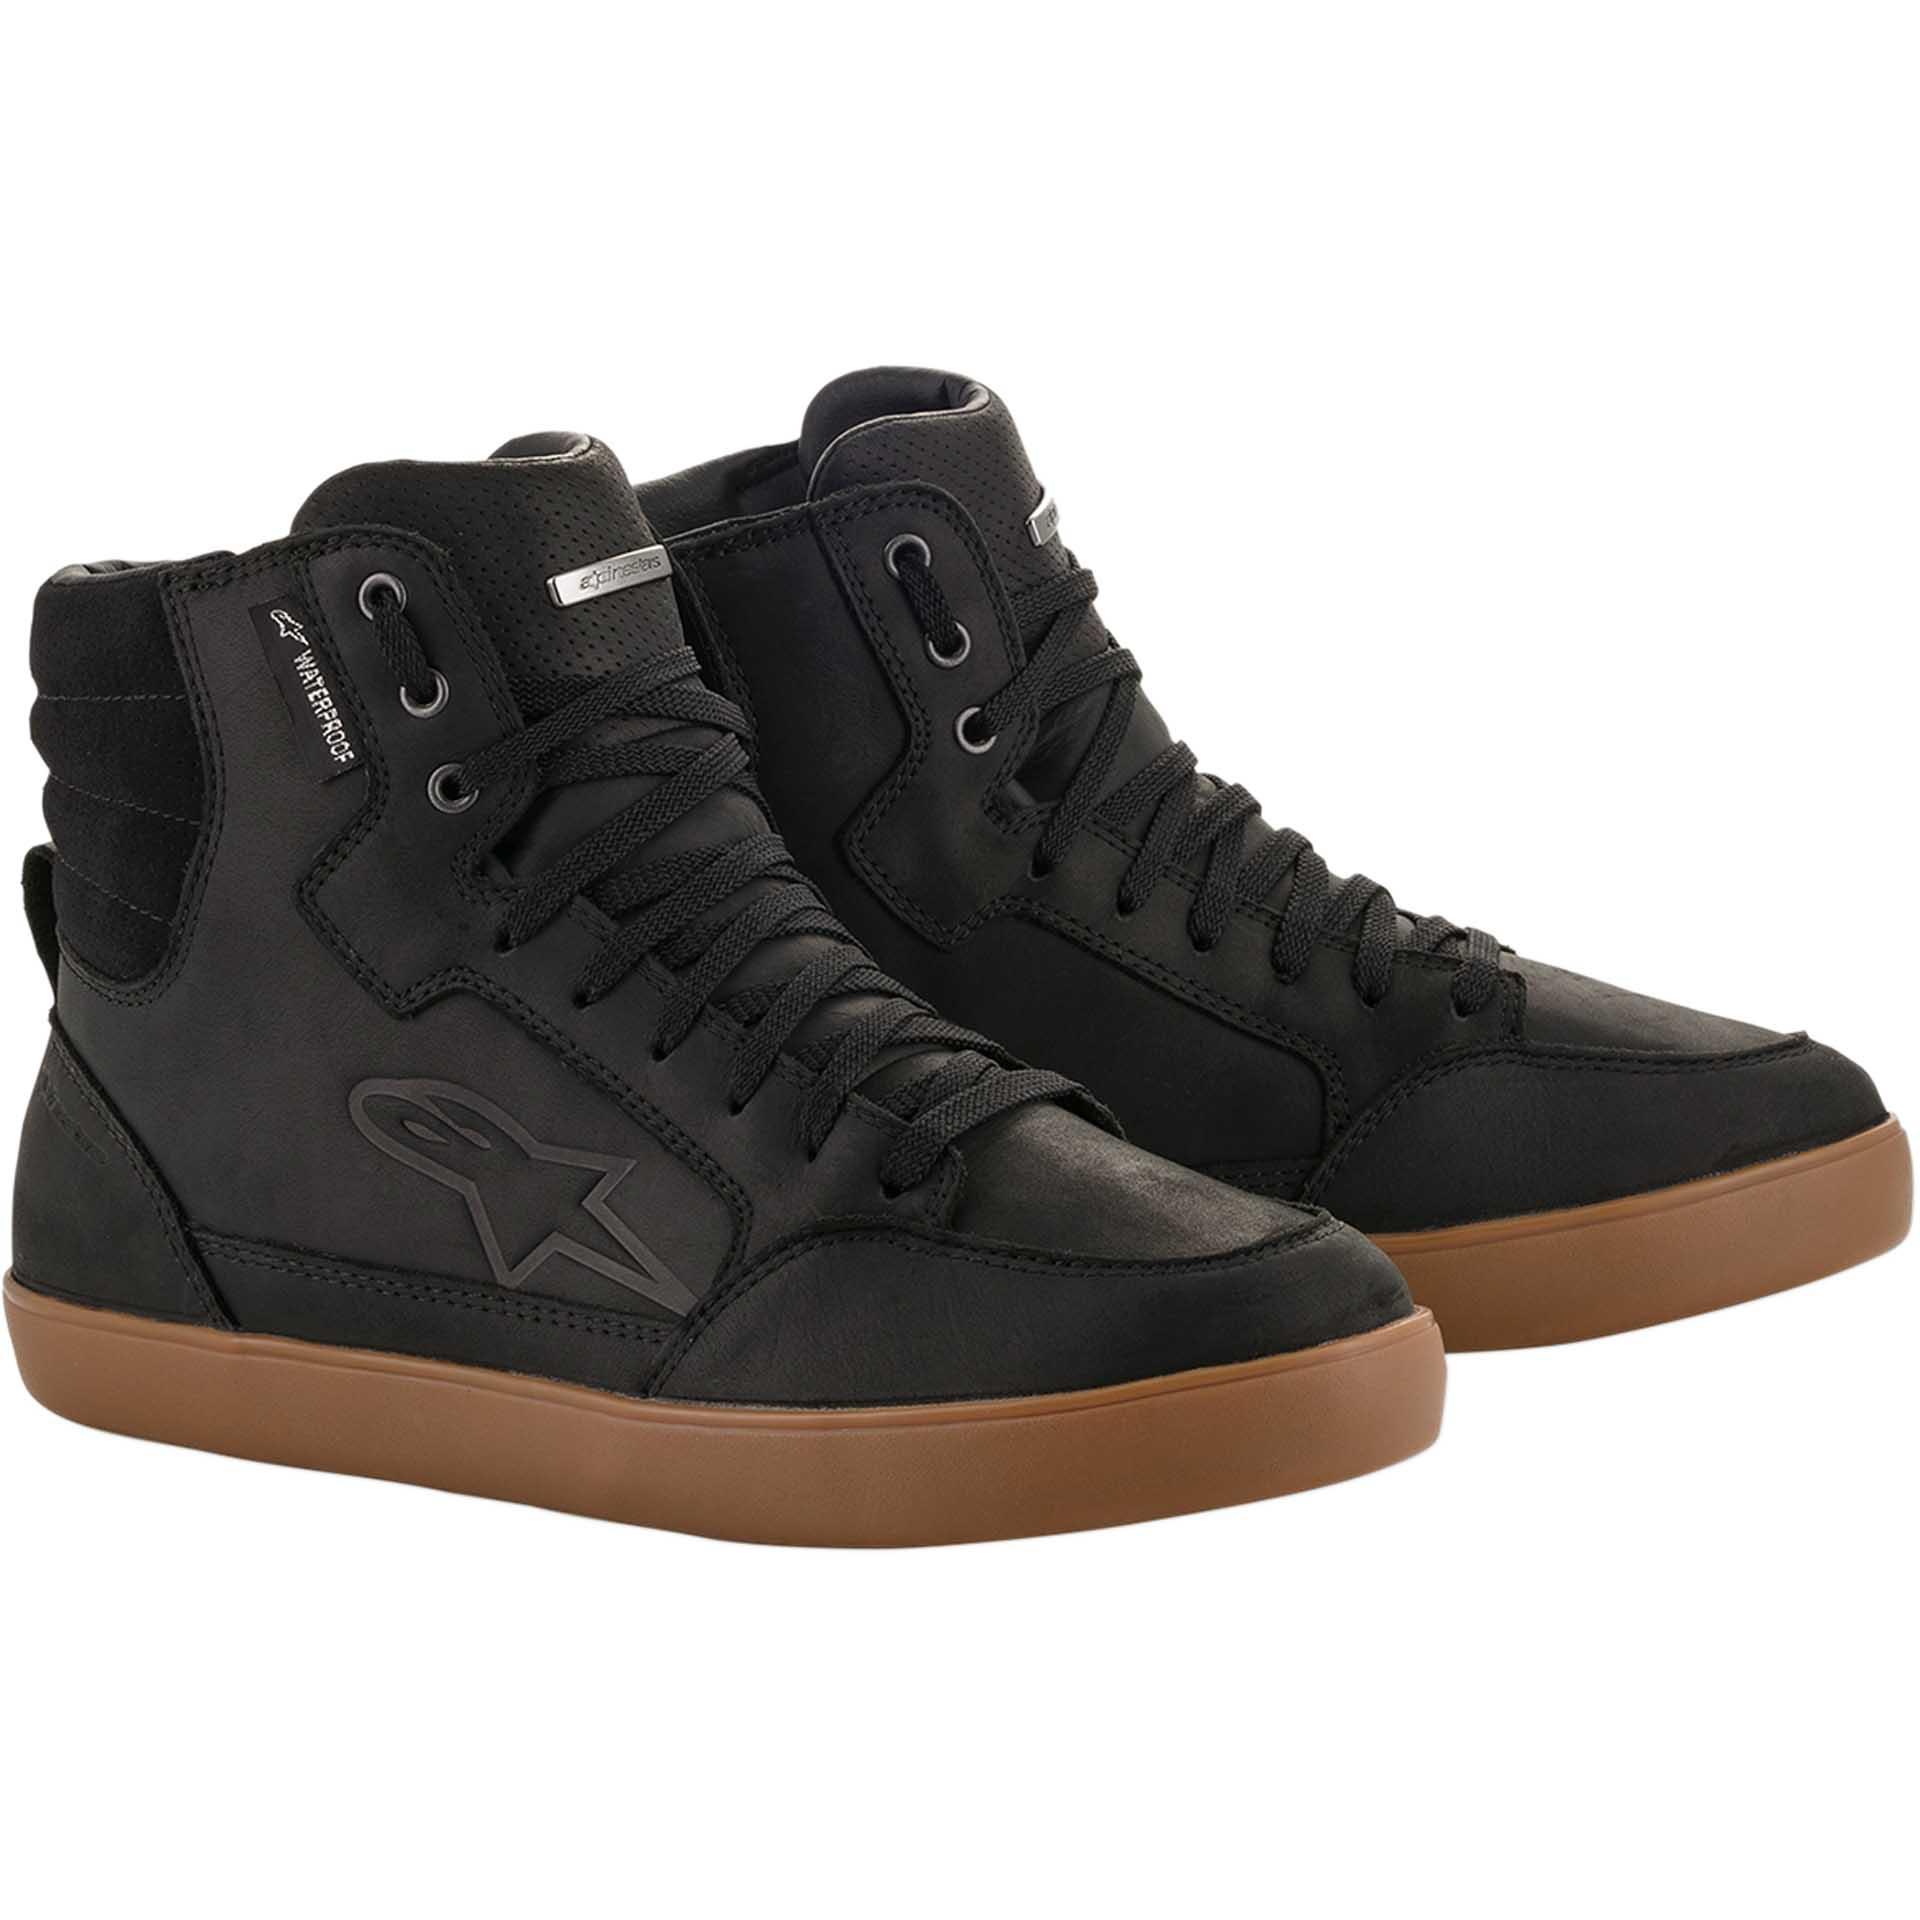 Alpinestars J-6 Waterproof Shoes